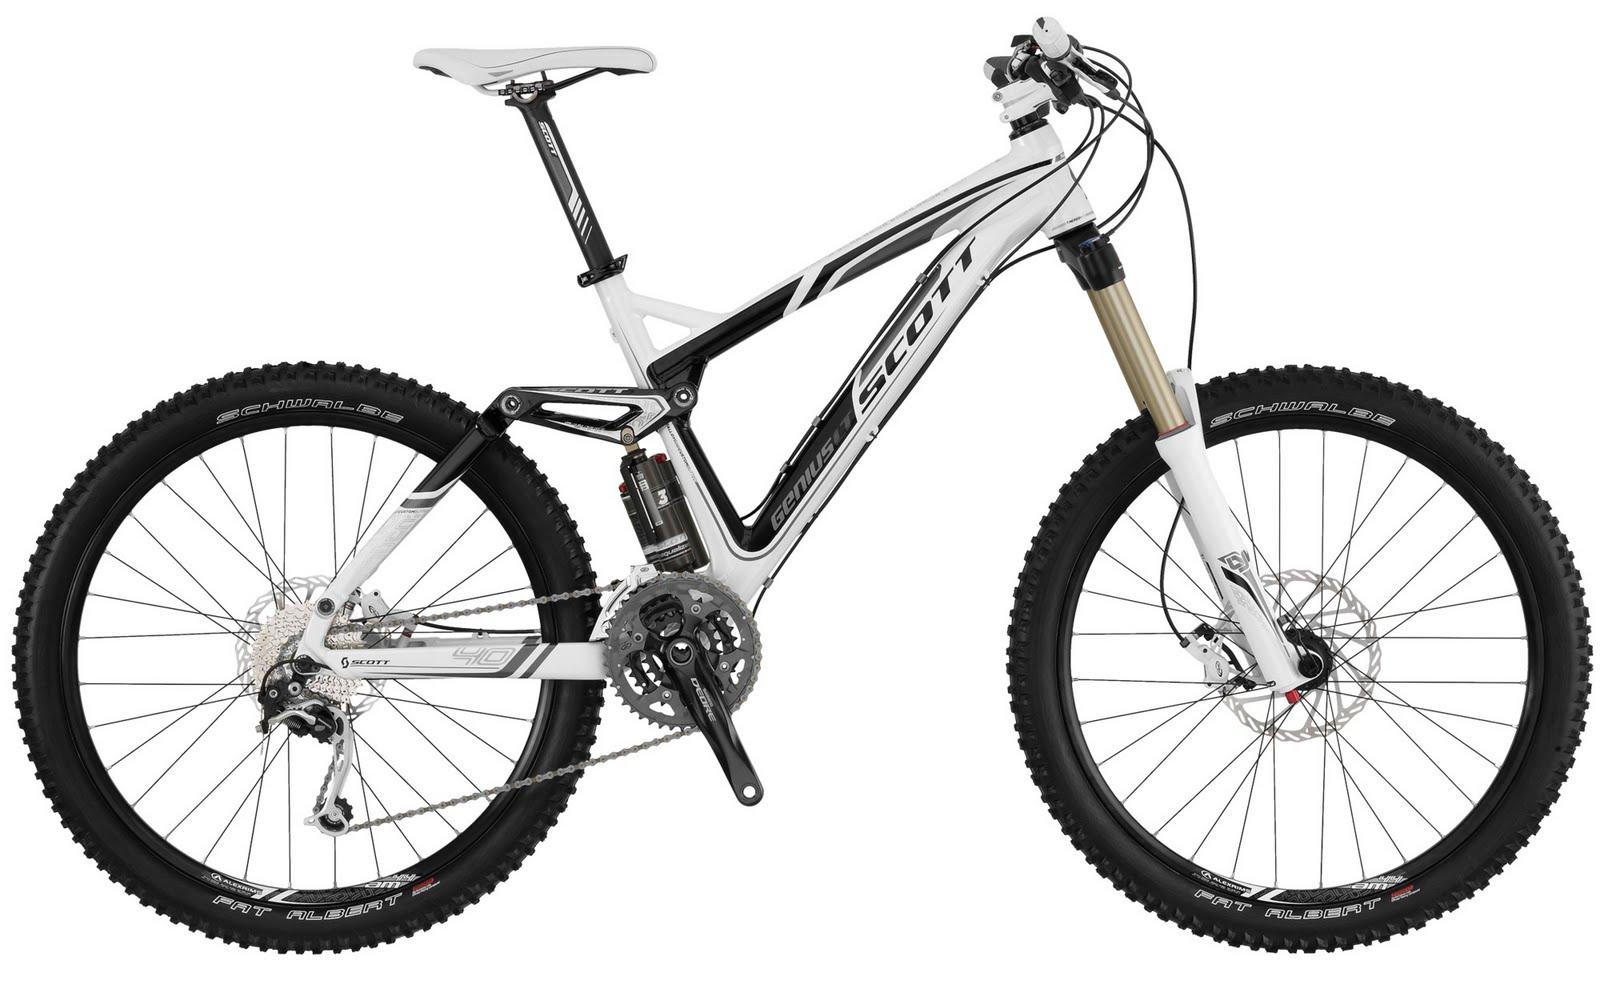 Todo bicicletas bicicleta scott genius lt 40